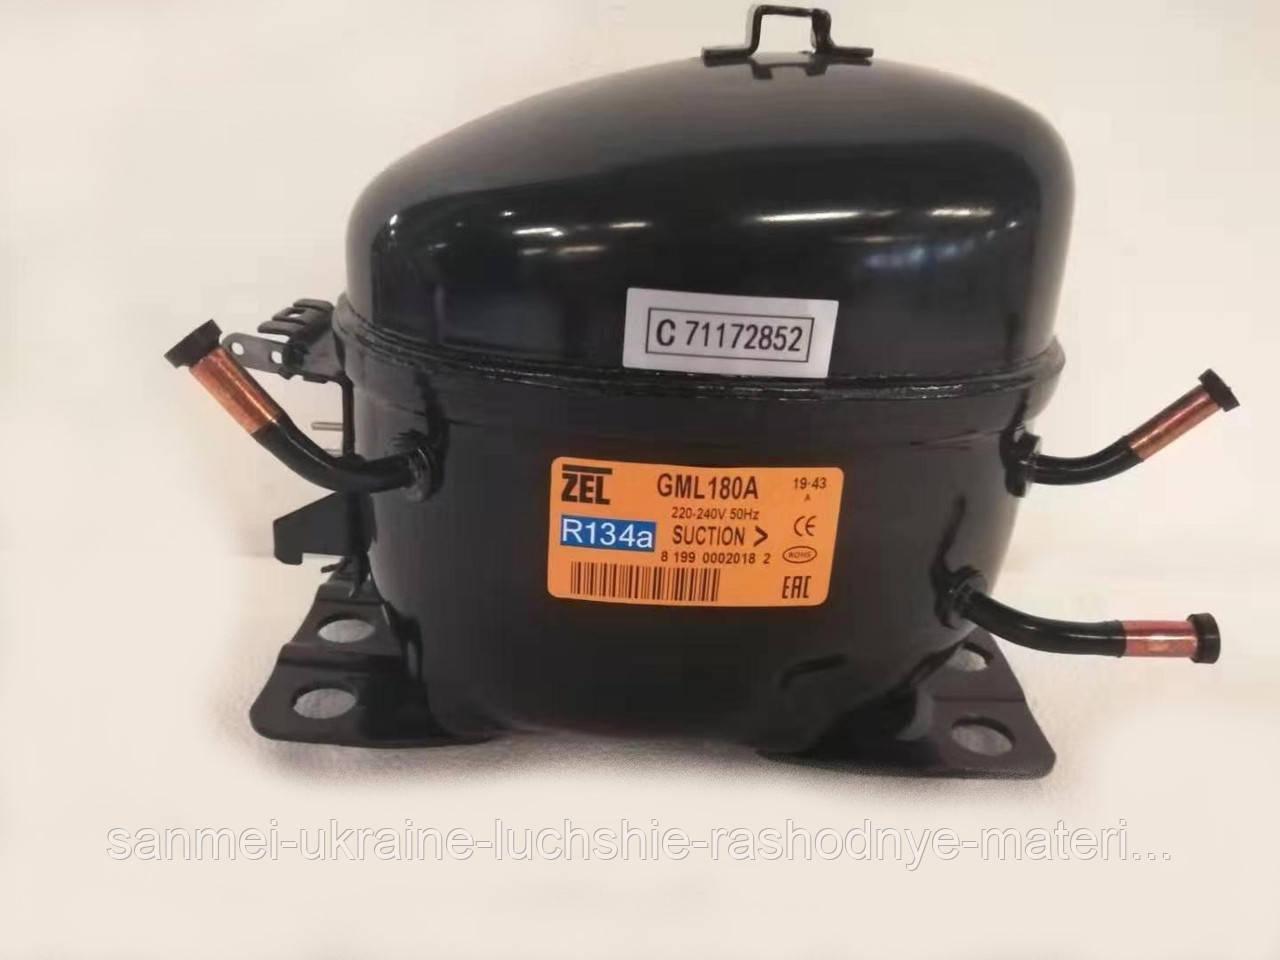 Компрессор  Zanussi ZEL GML180A R134a 178Вт для бытовых холодильников